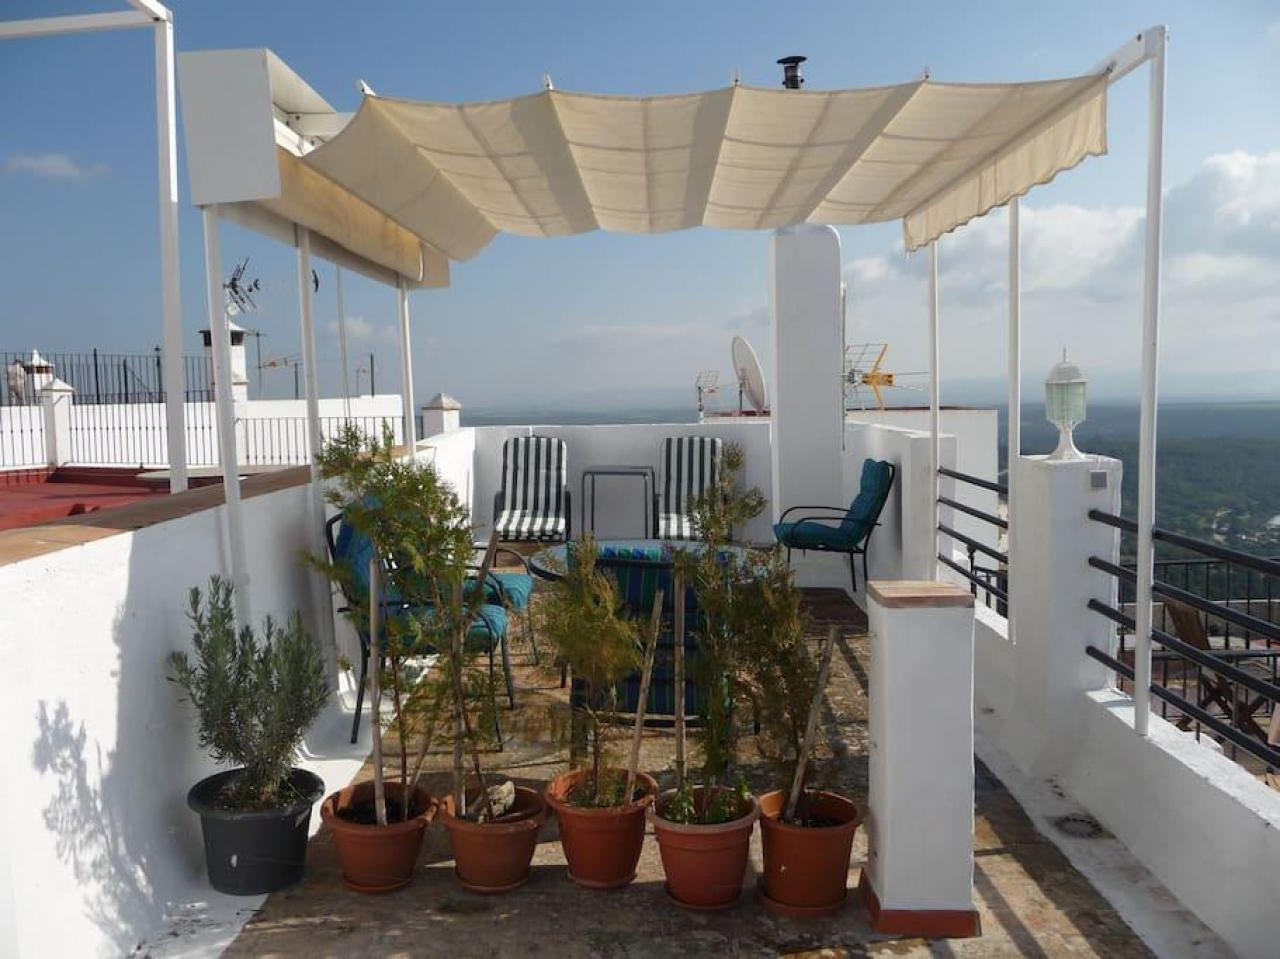 Casas en alquiler Vejer de la Frontera, Cádiz